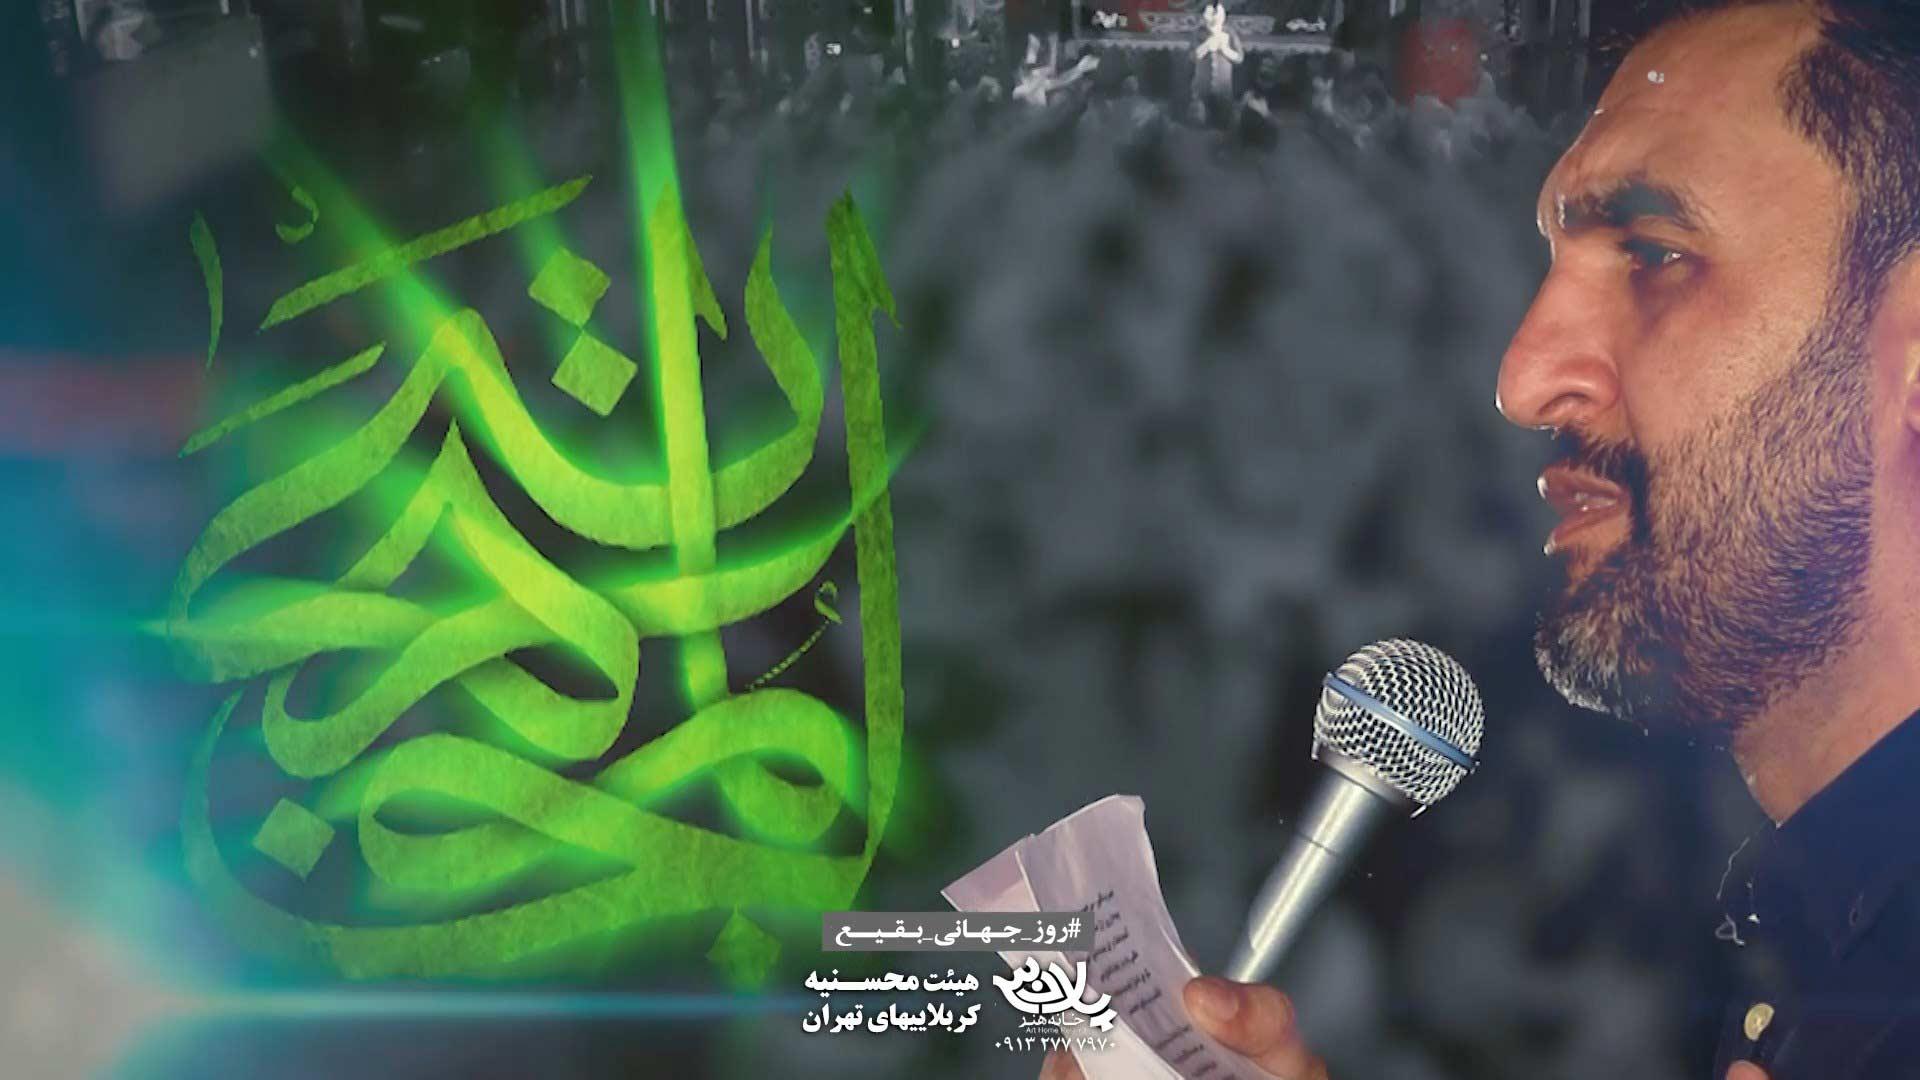 مسلمان حسن حمید علیمی